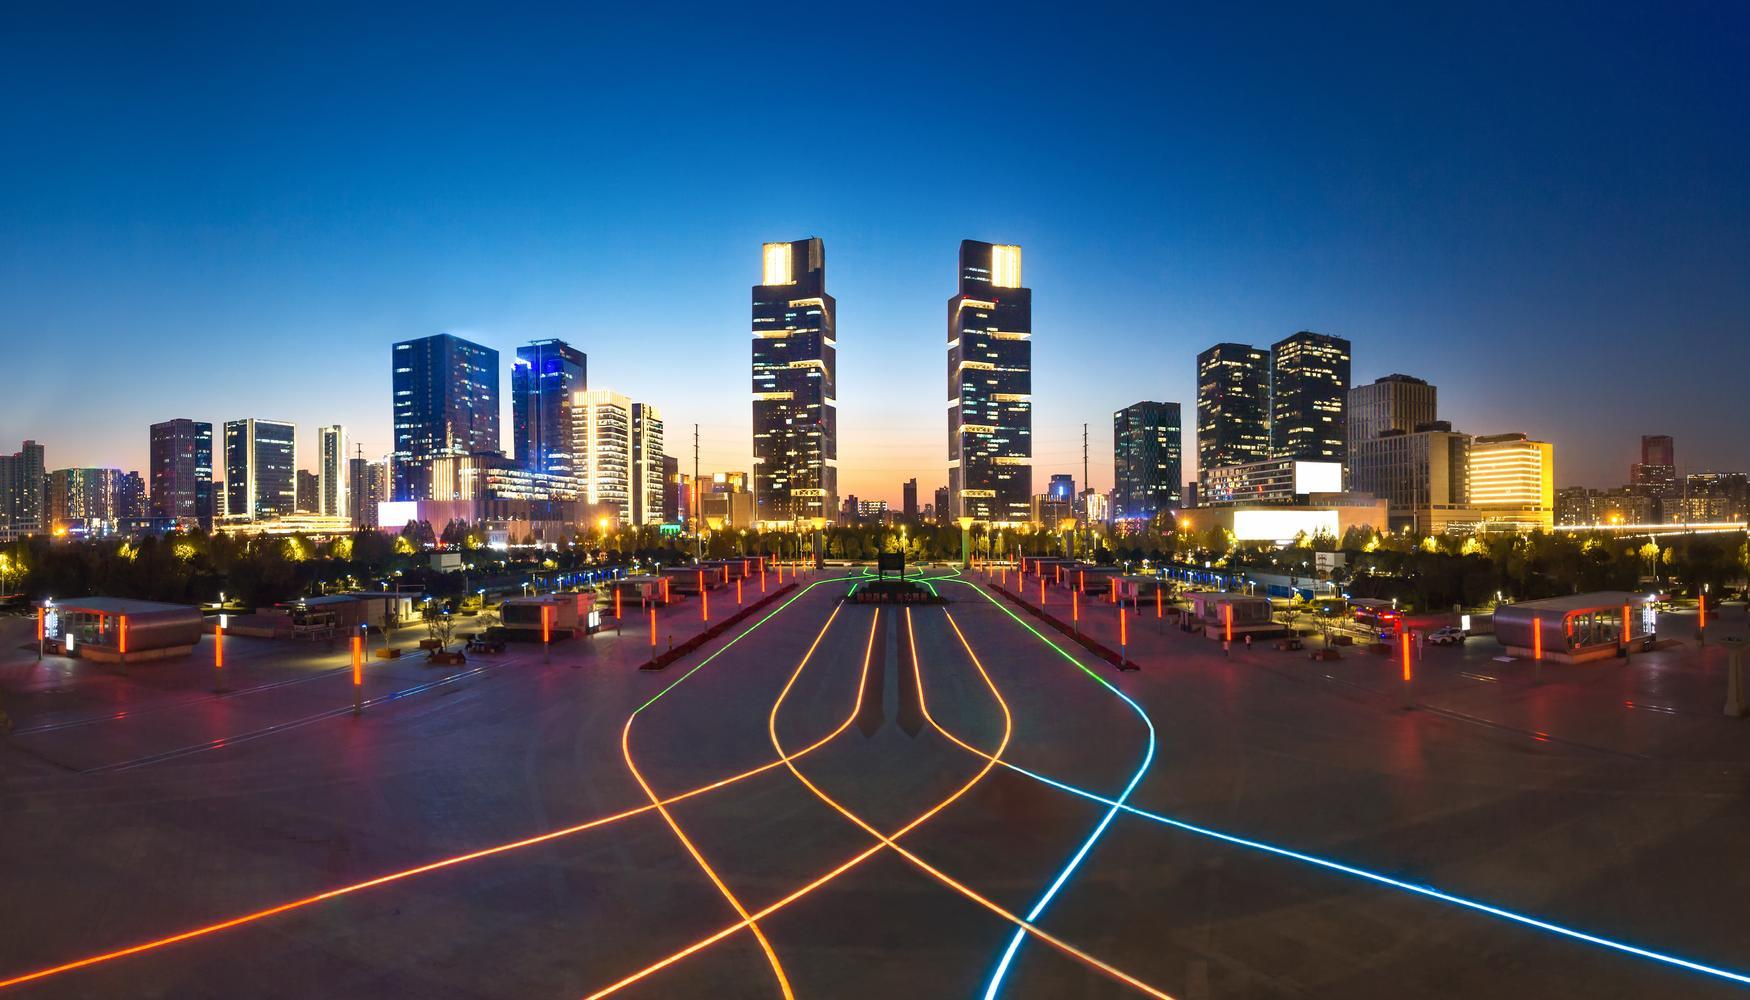 郑州新郑国际机场的租车